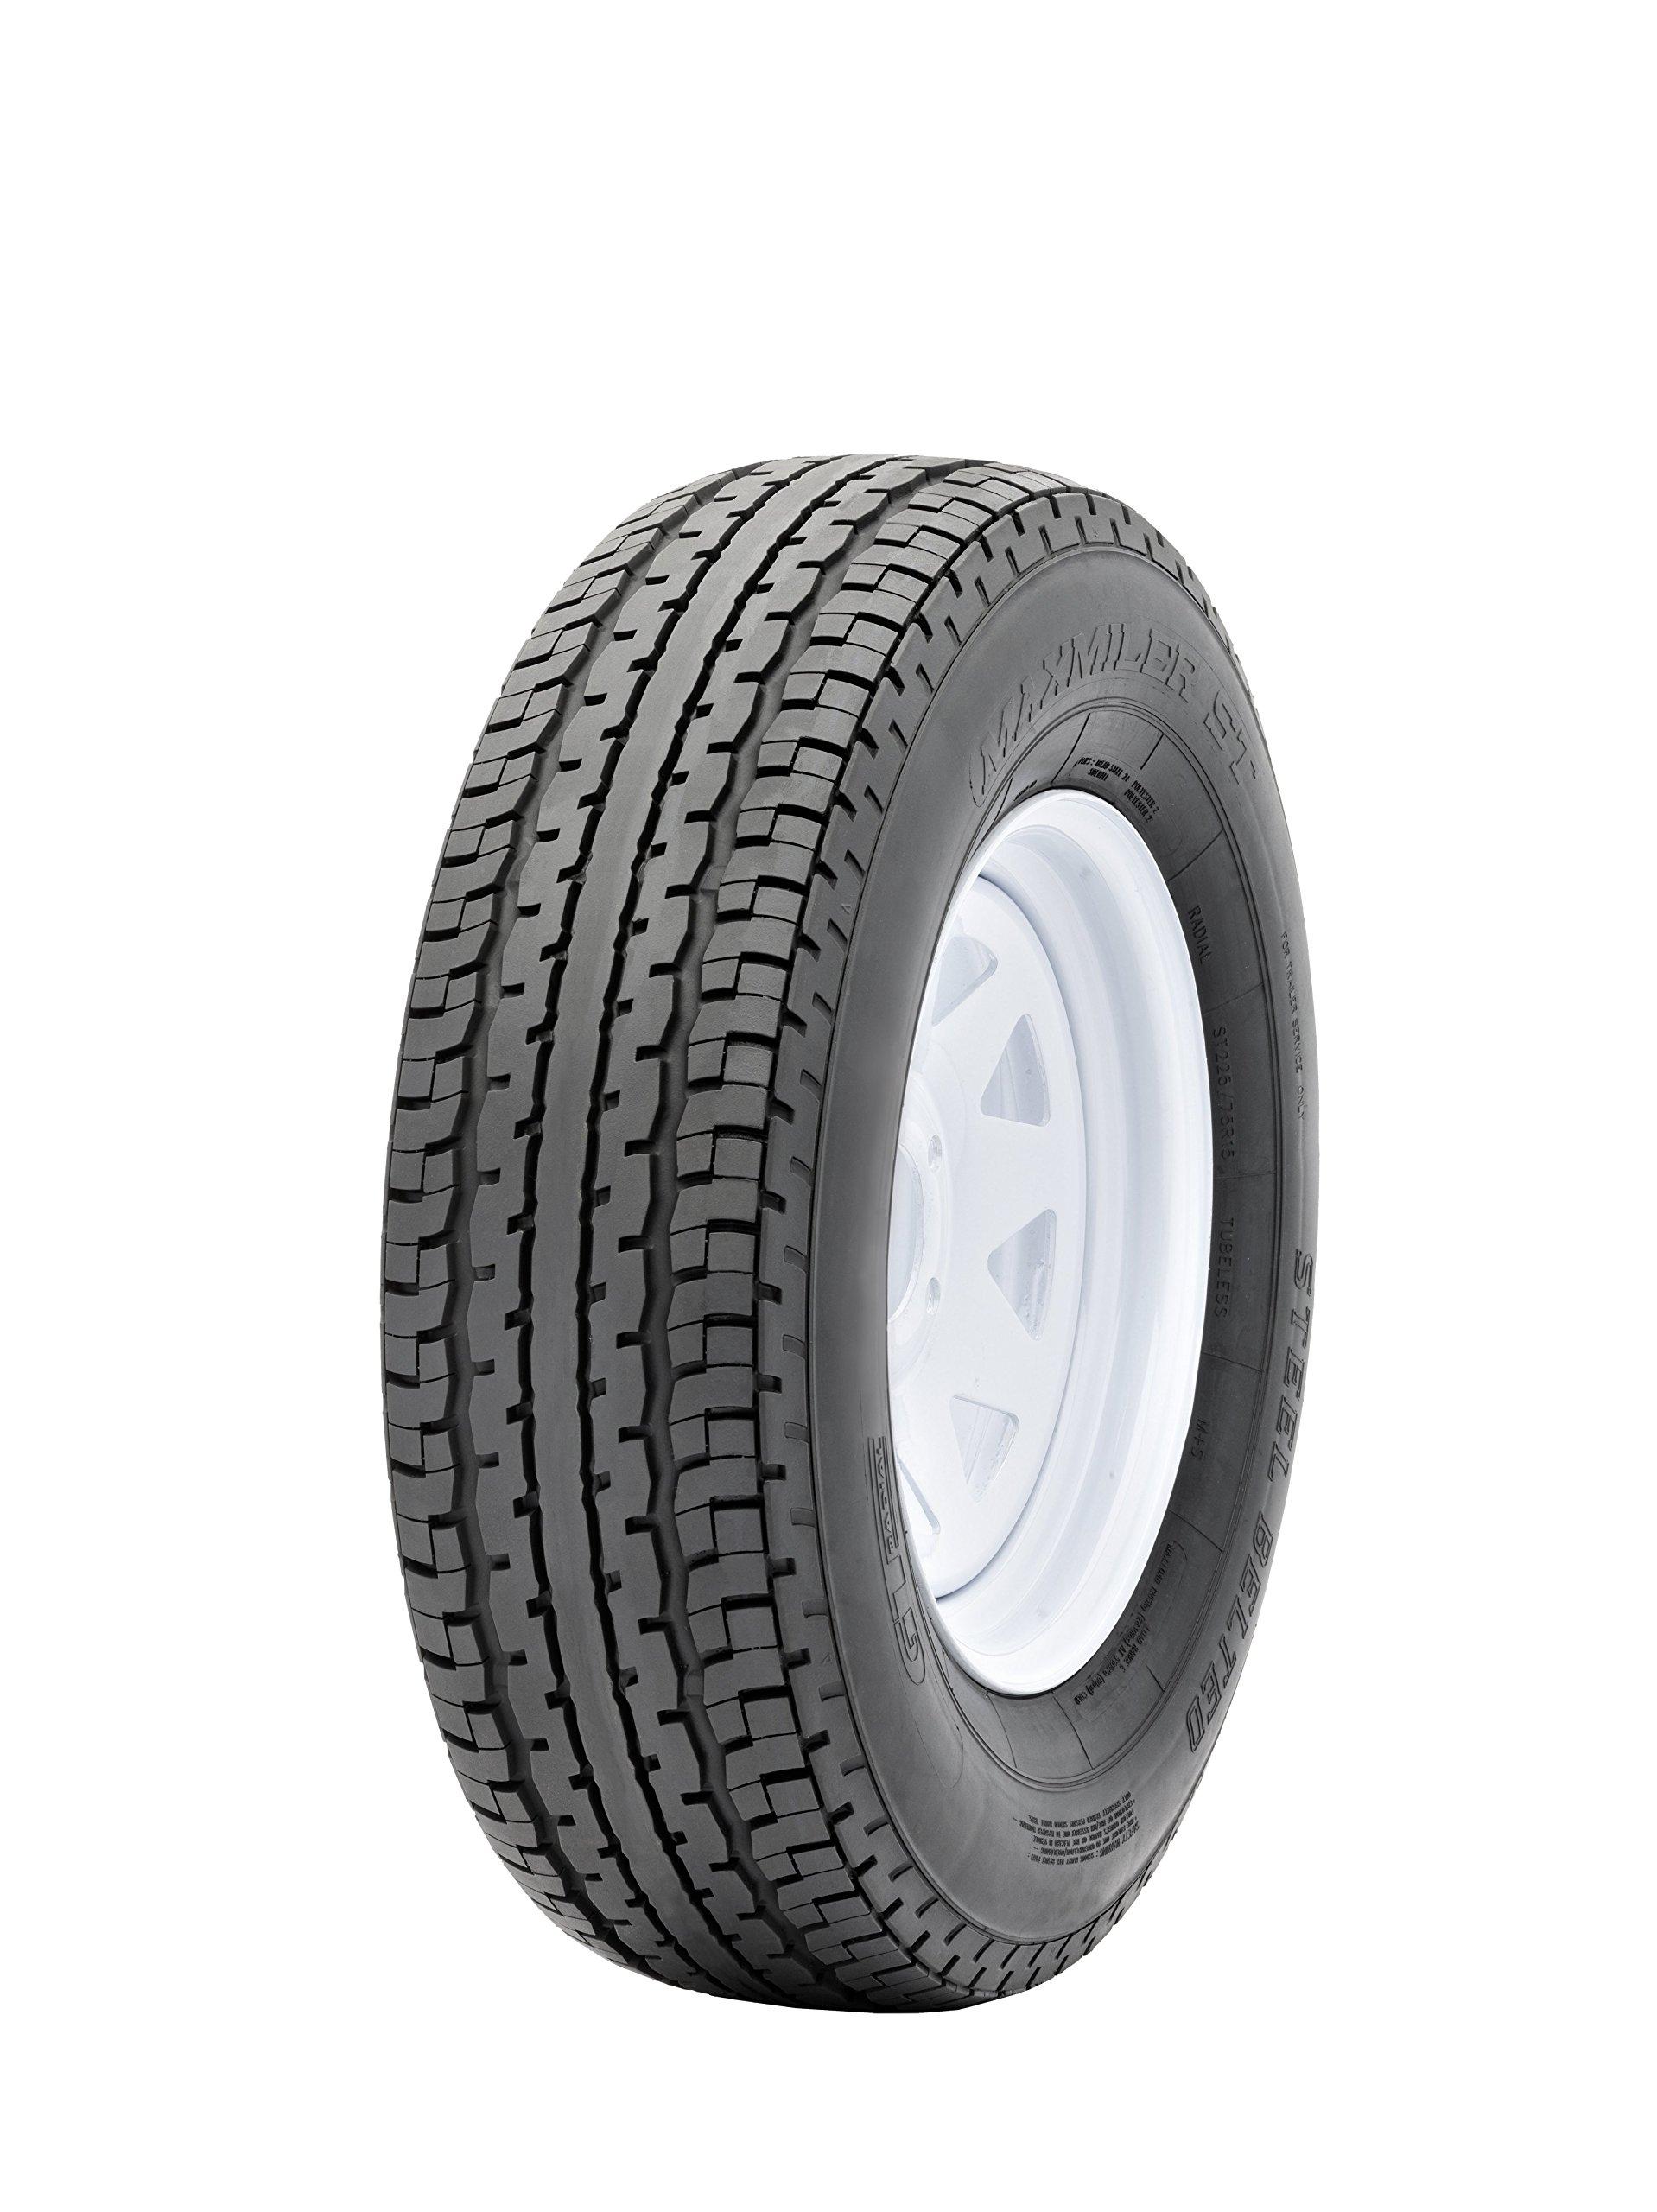 GT Radial MAXMILER ST Trailer Tire - ST175/80R13 9187M